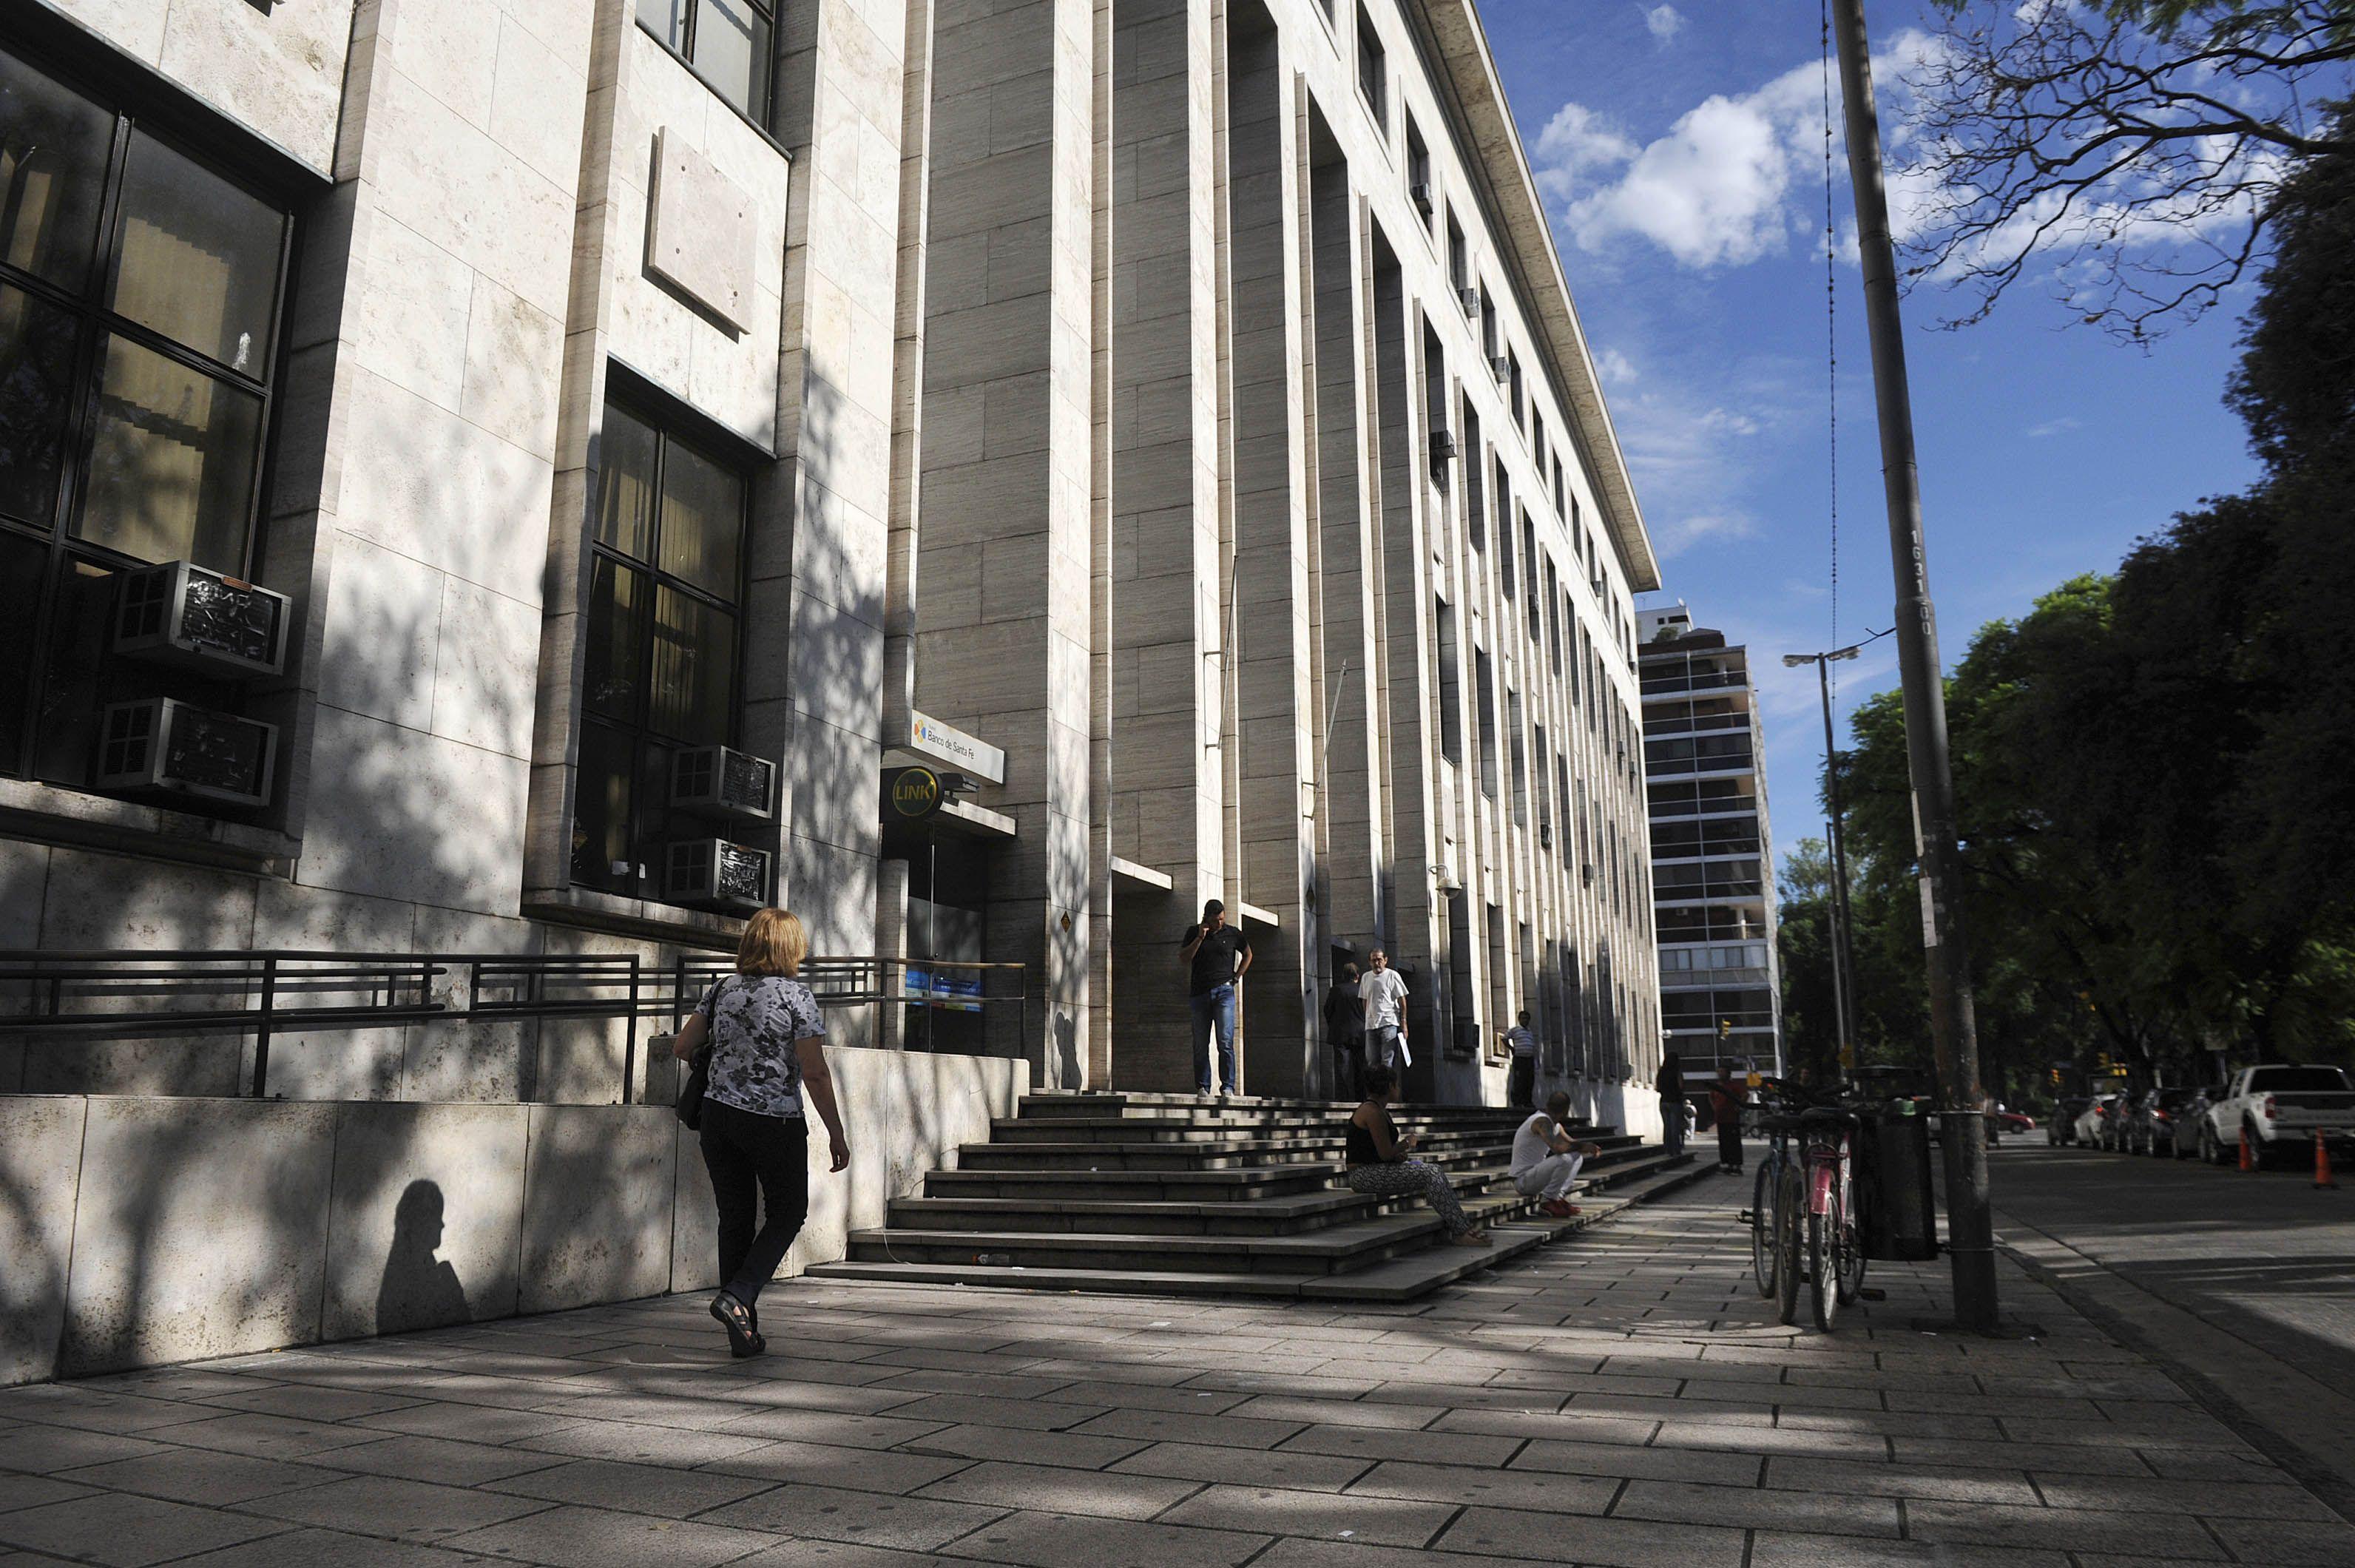 La Cámara de Apelaciones de Circuito de los tribunales provinciales sostuvo en una resolución conocida hoy que en una relación concubinaria no resultan aplicables las normas matrimoniales.